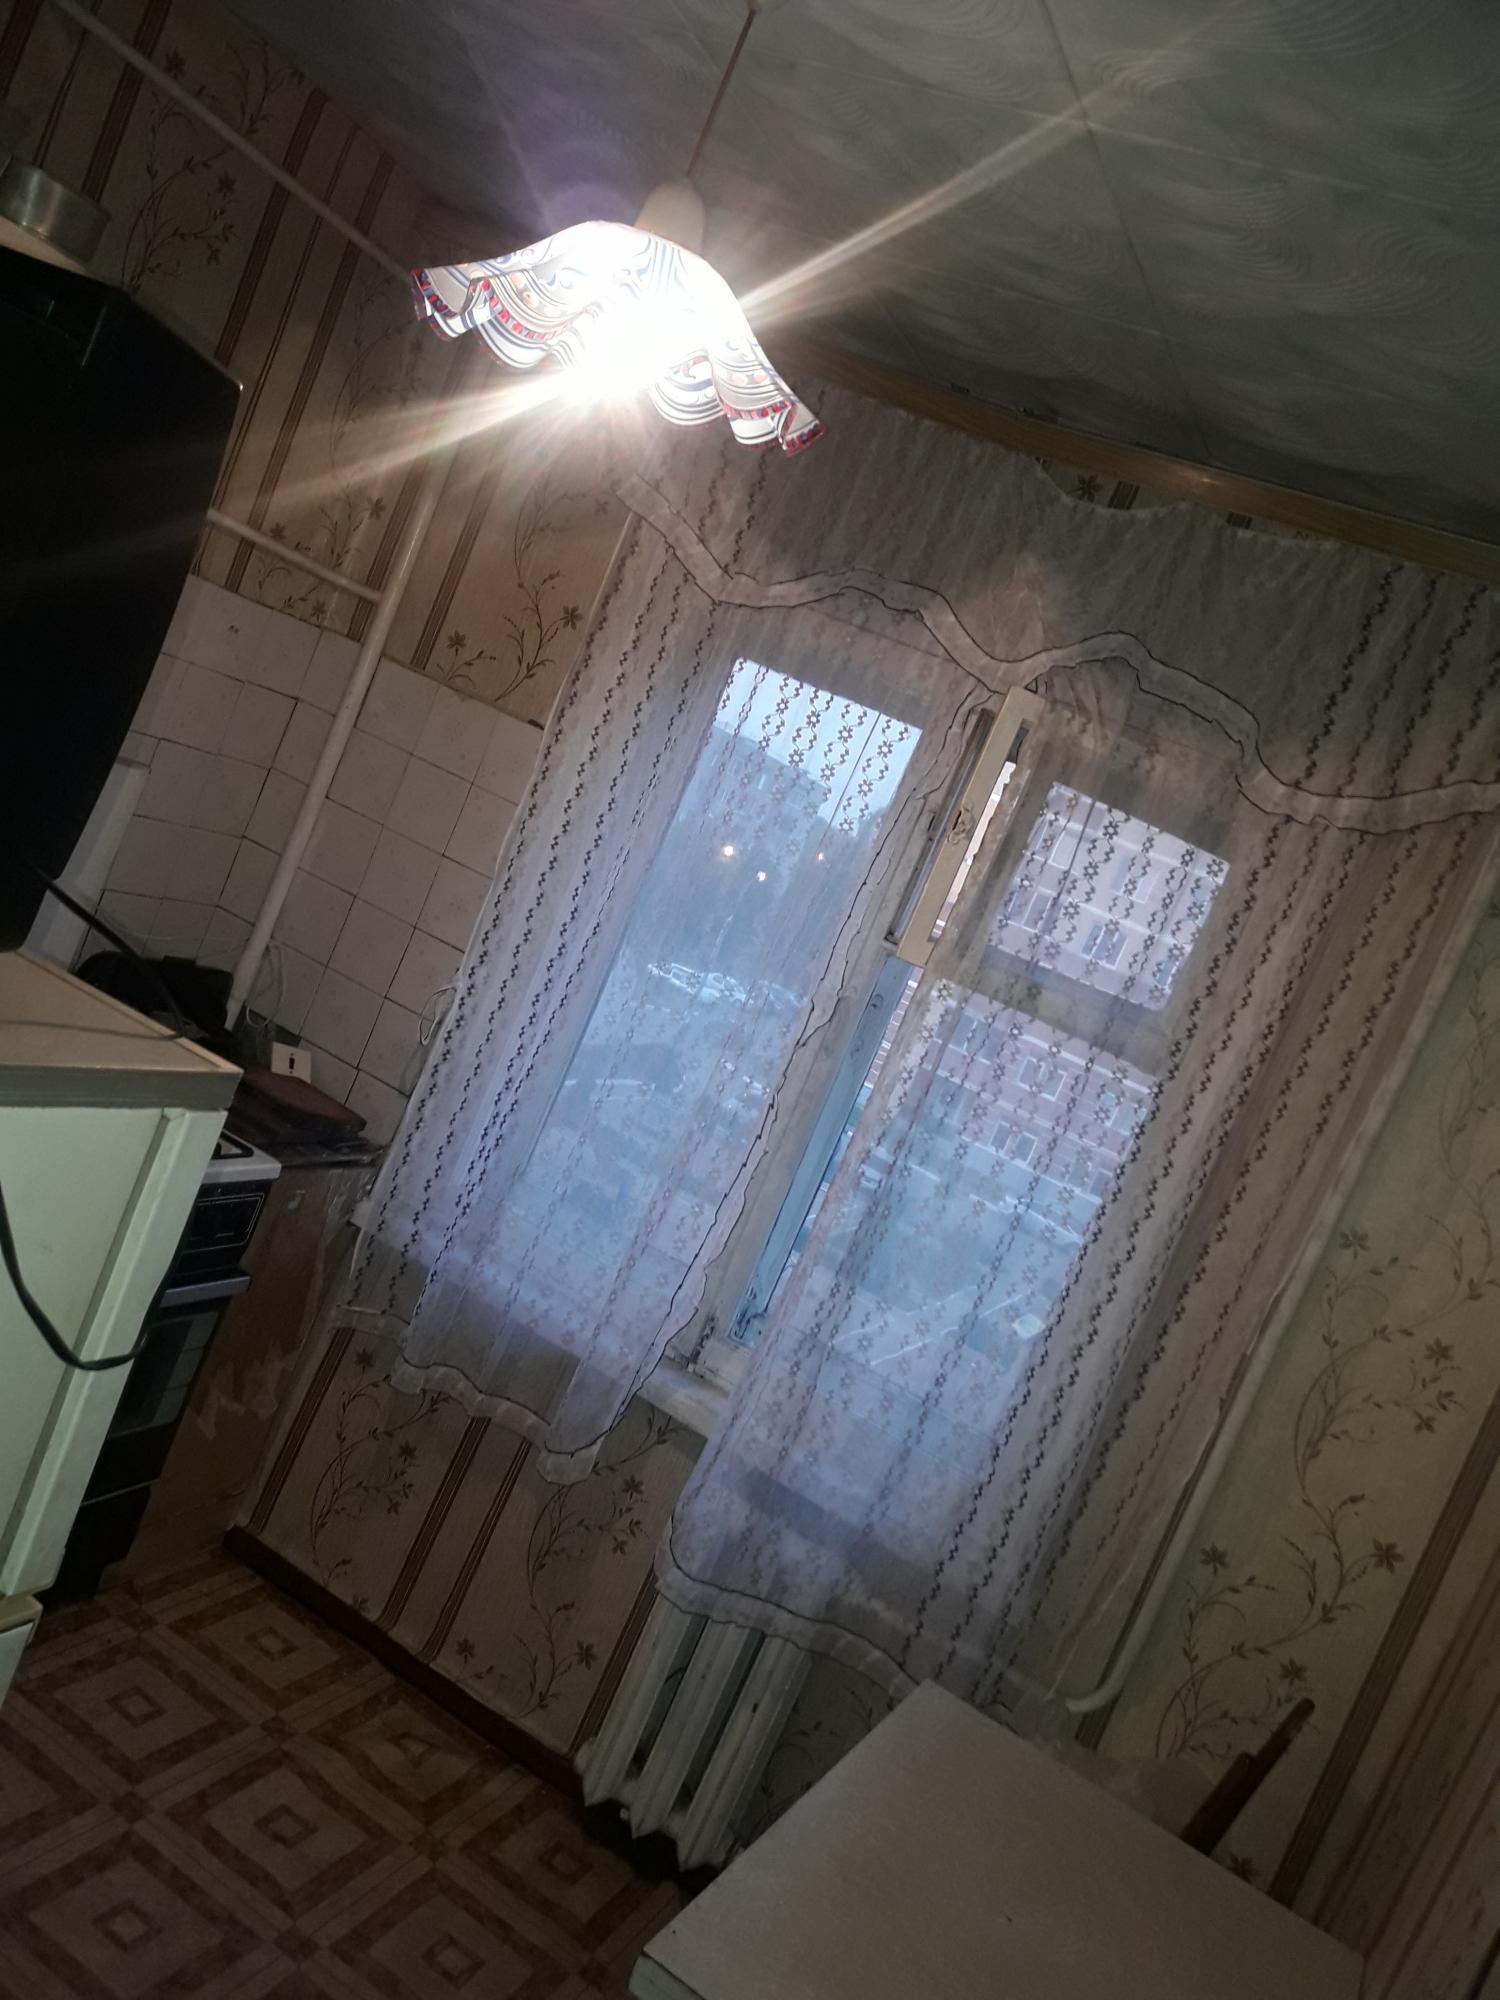 Lägenhet, 2 rum, 45 m2 i Khimki